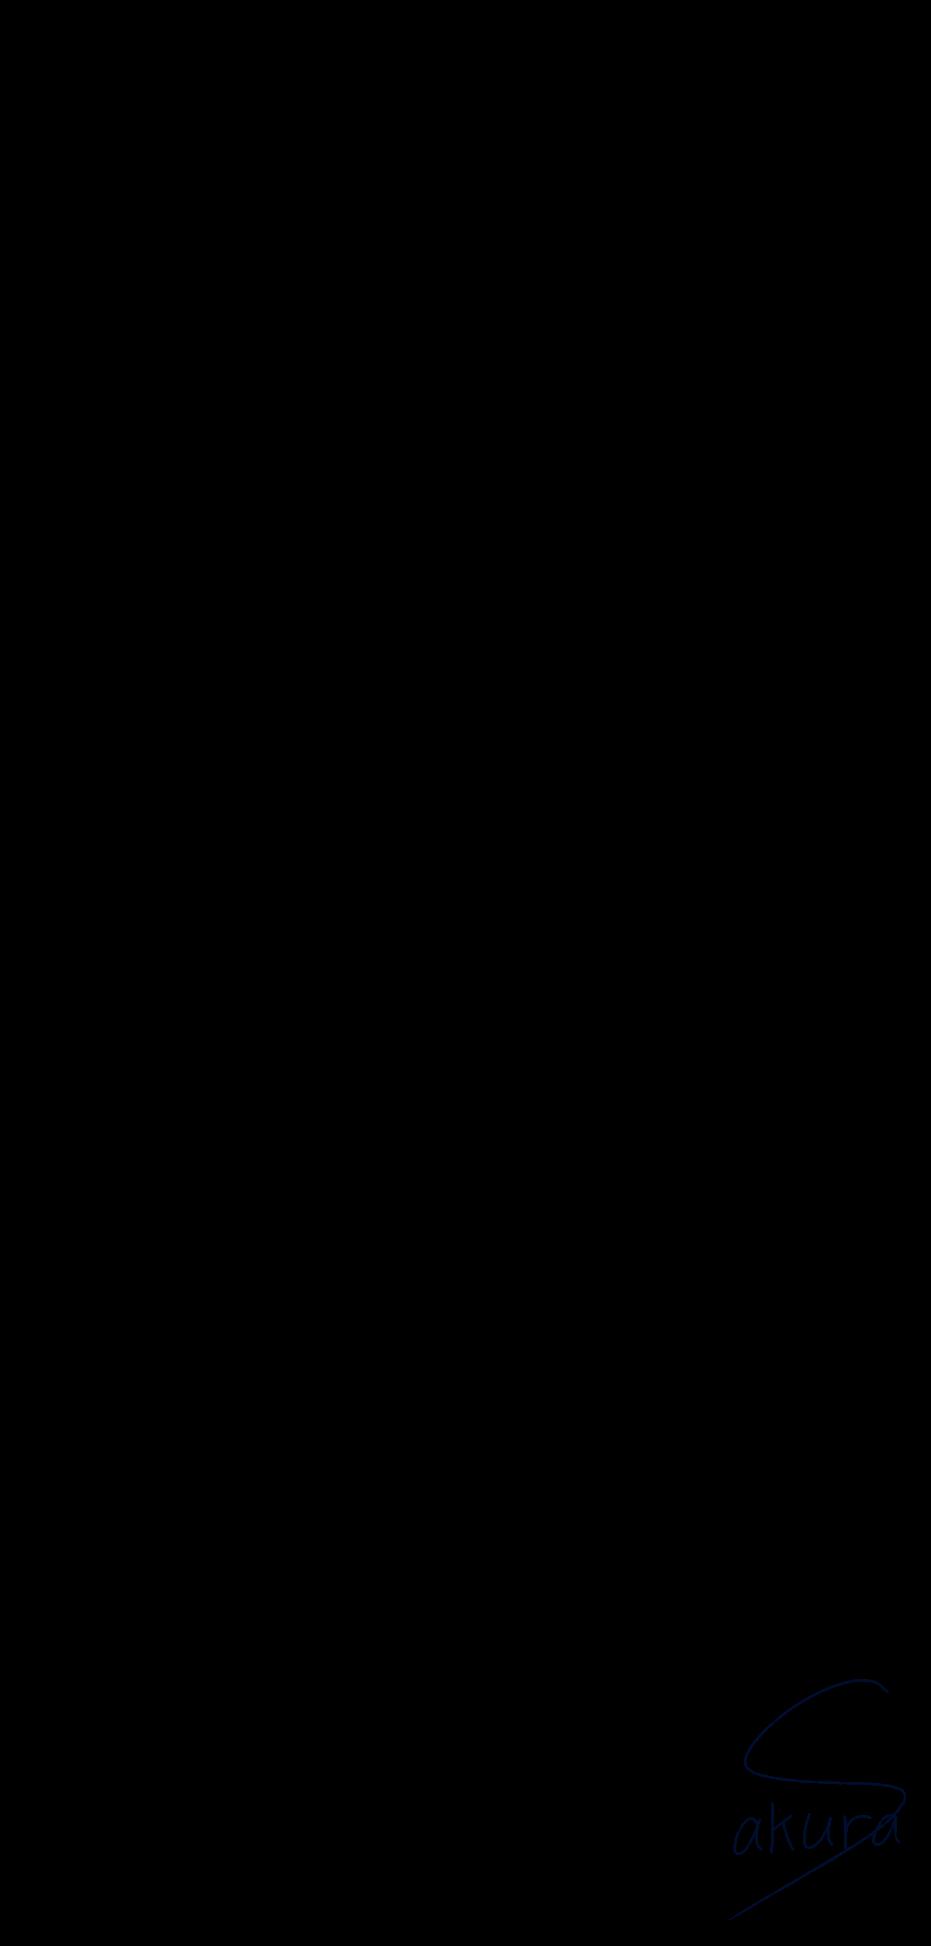 水彩風 Illust of 桜 宮美/サブ line_art witch 水彩風 watercolor 桜宮美